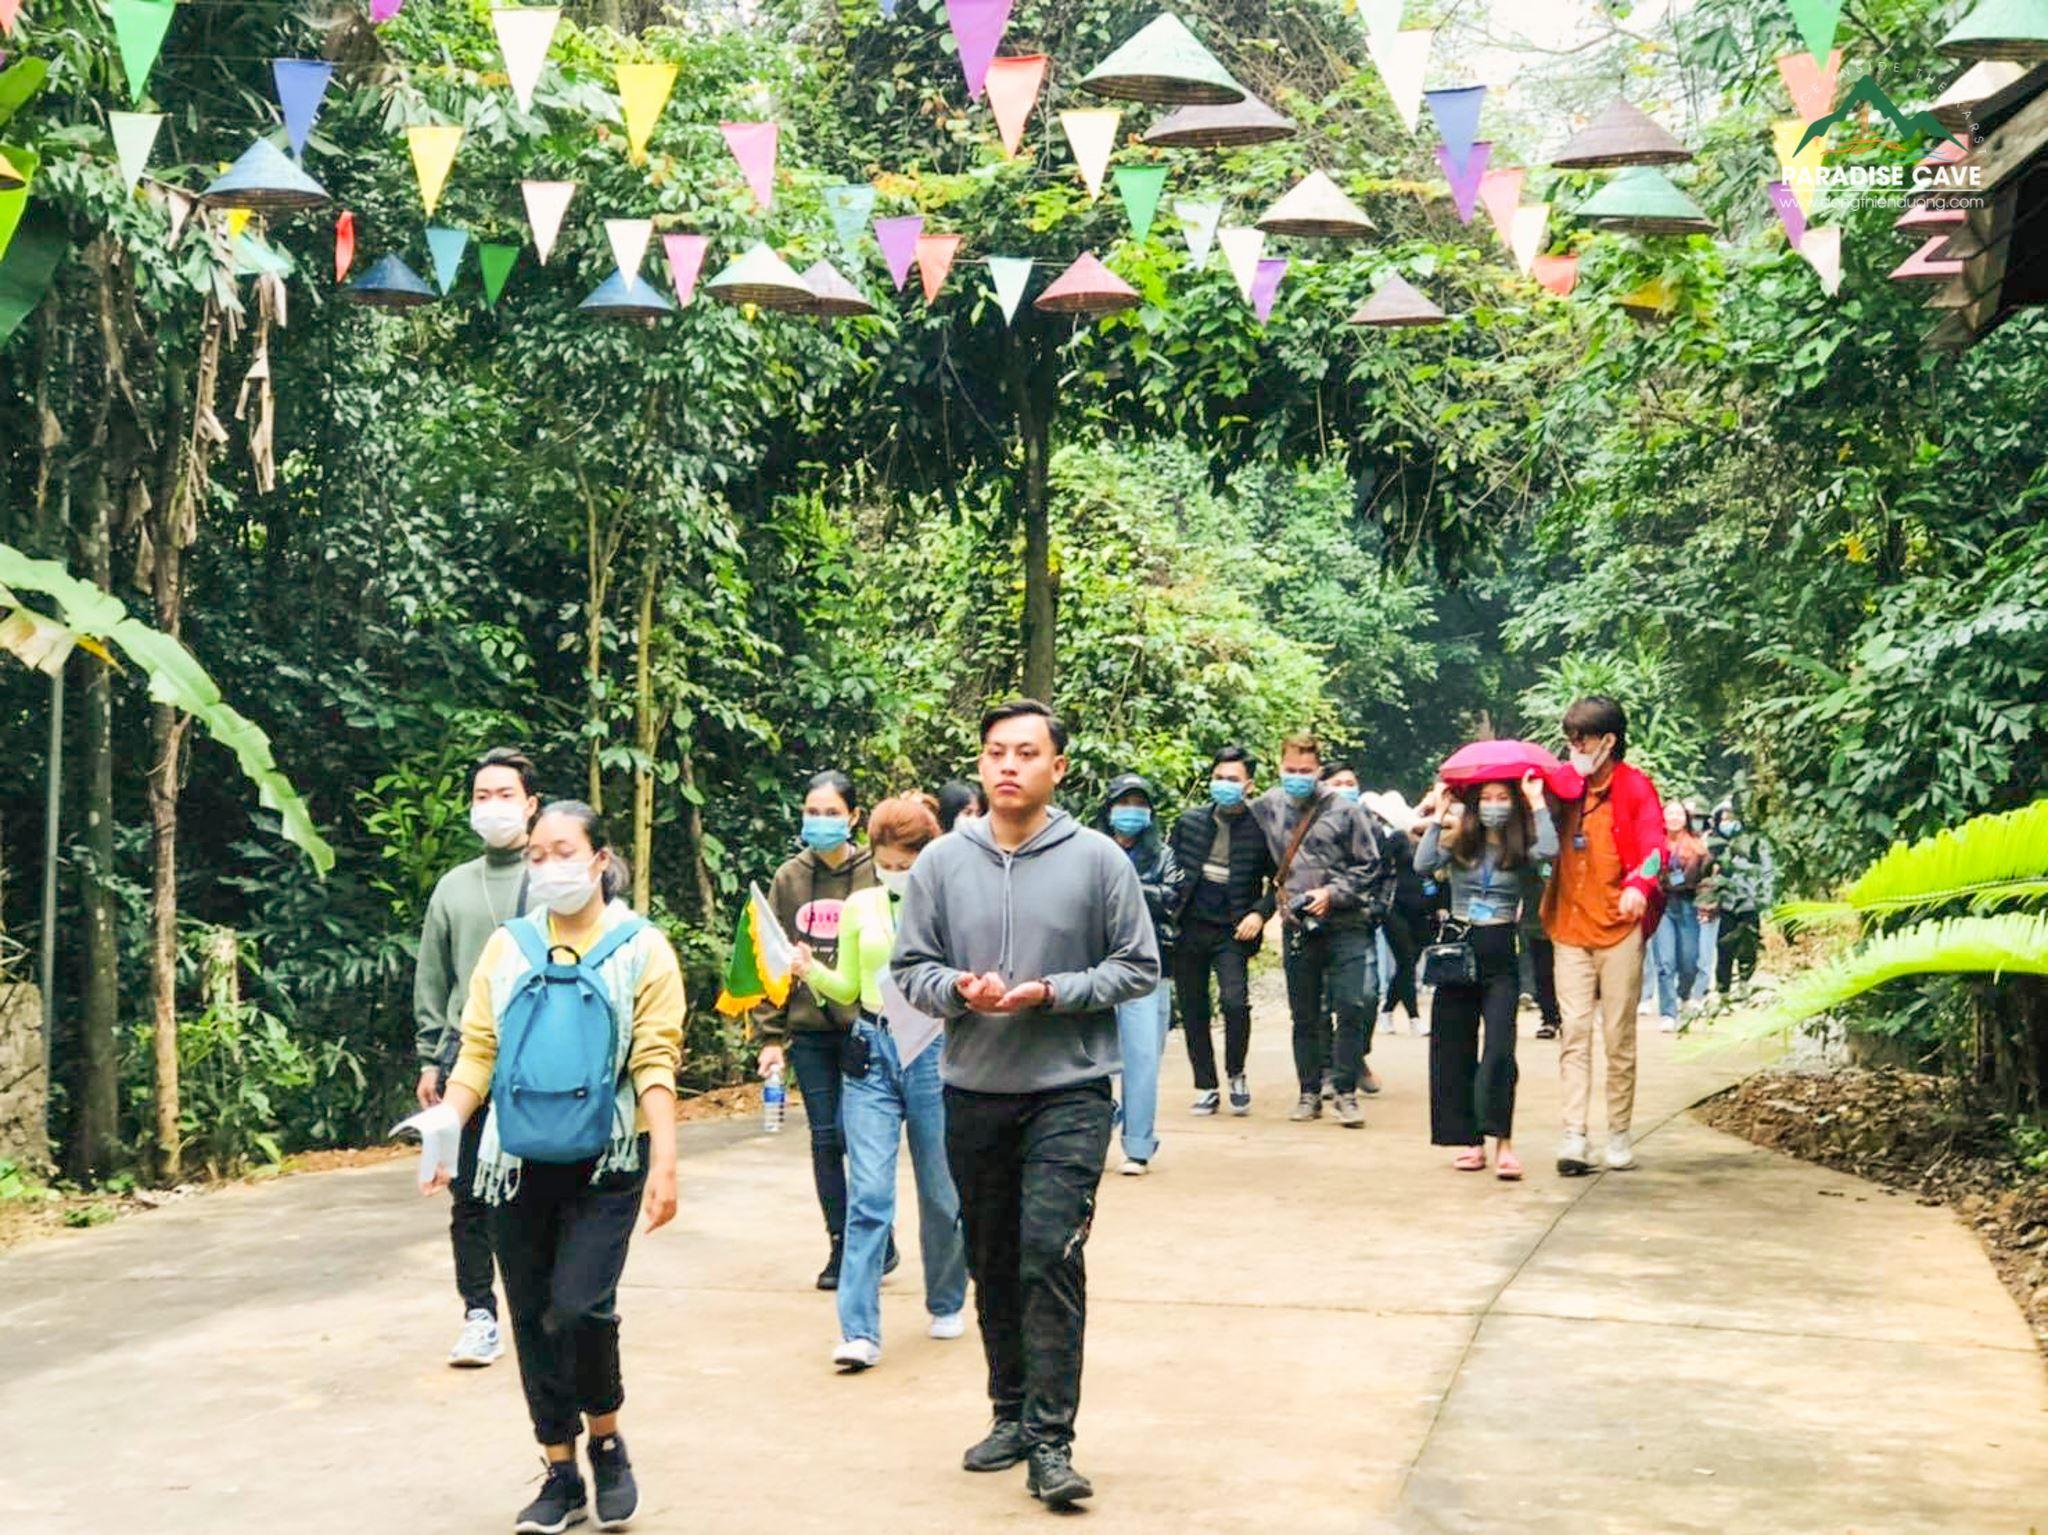 Quảng Bình tiến hành chi trả tiền hỗ trợ cho các hướng dẫn viên du lịch gặp khó khăn do Covid-19